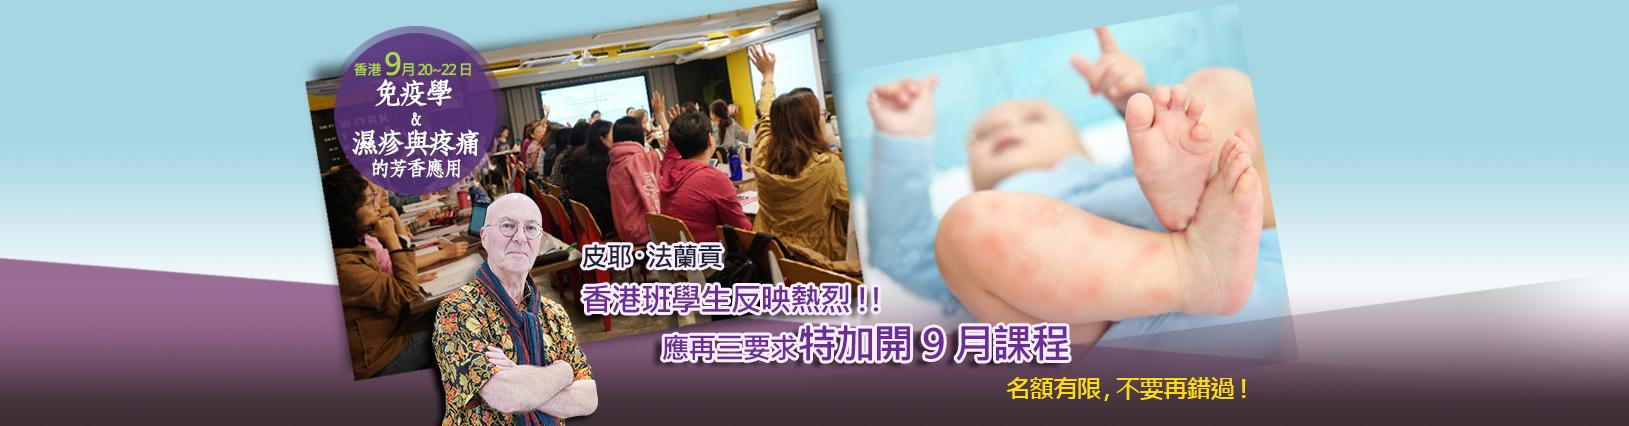 免疫学香港-6月